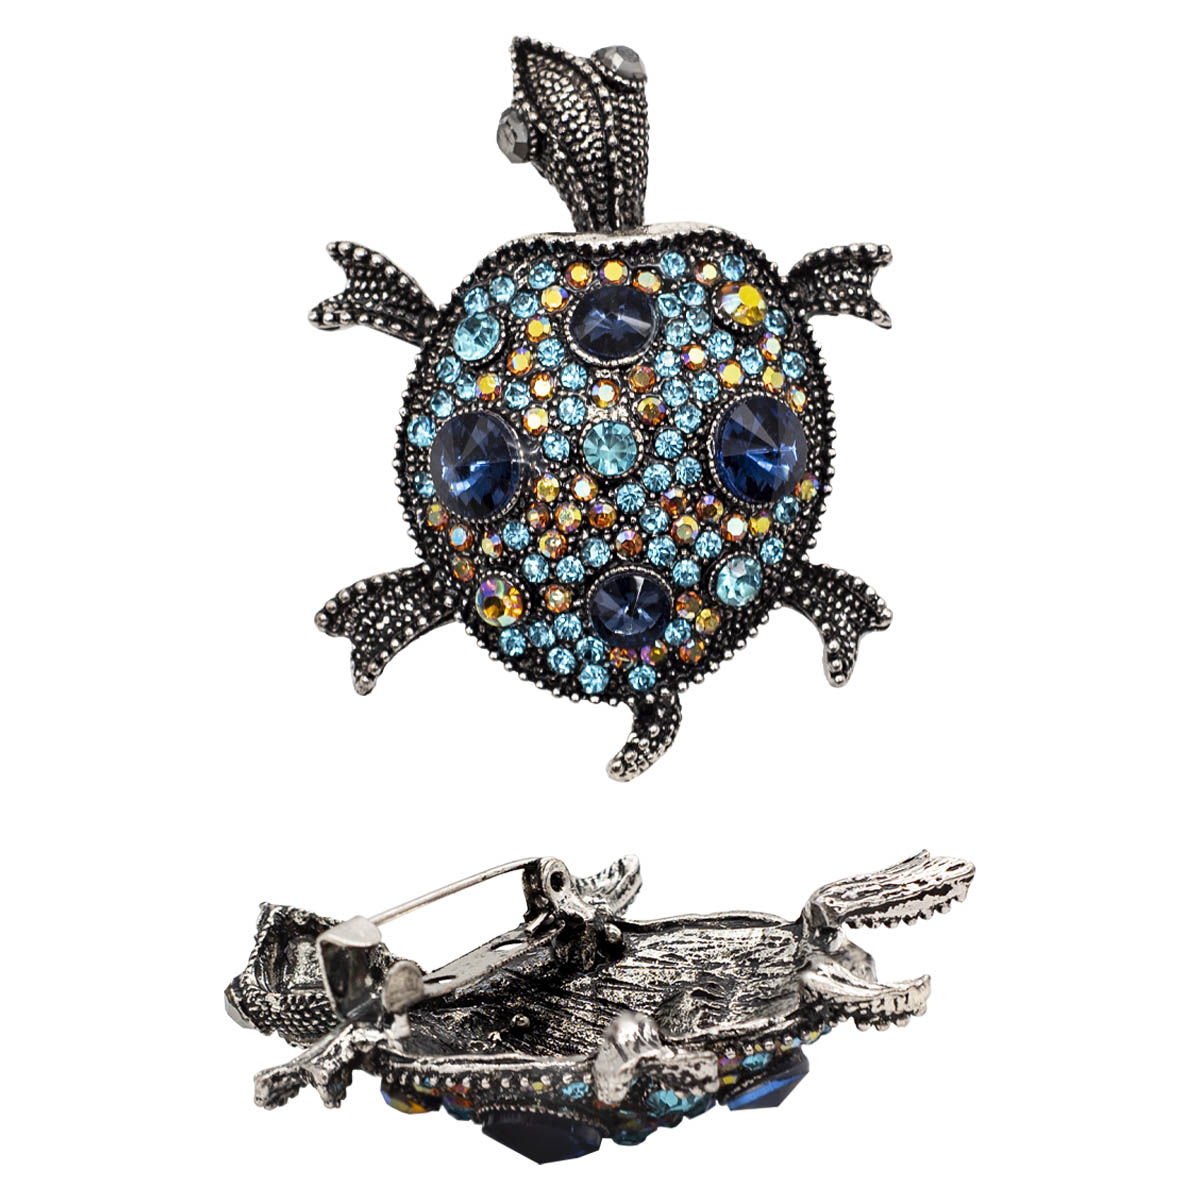 ГУБ7777 Брошь Черепаха 45*58мм, черненое серебро/темно-синий+бирюза+бежевый